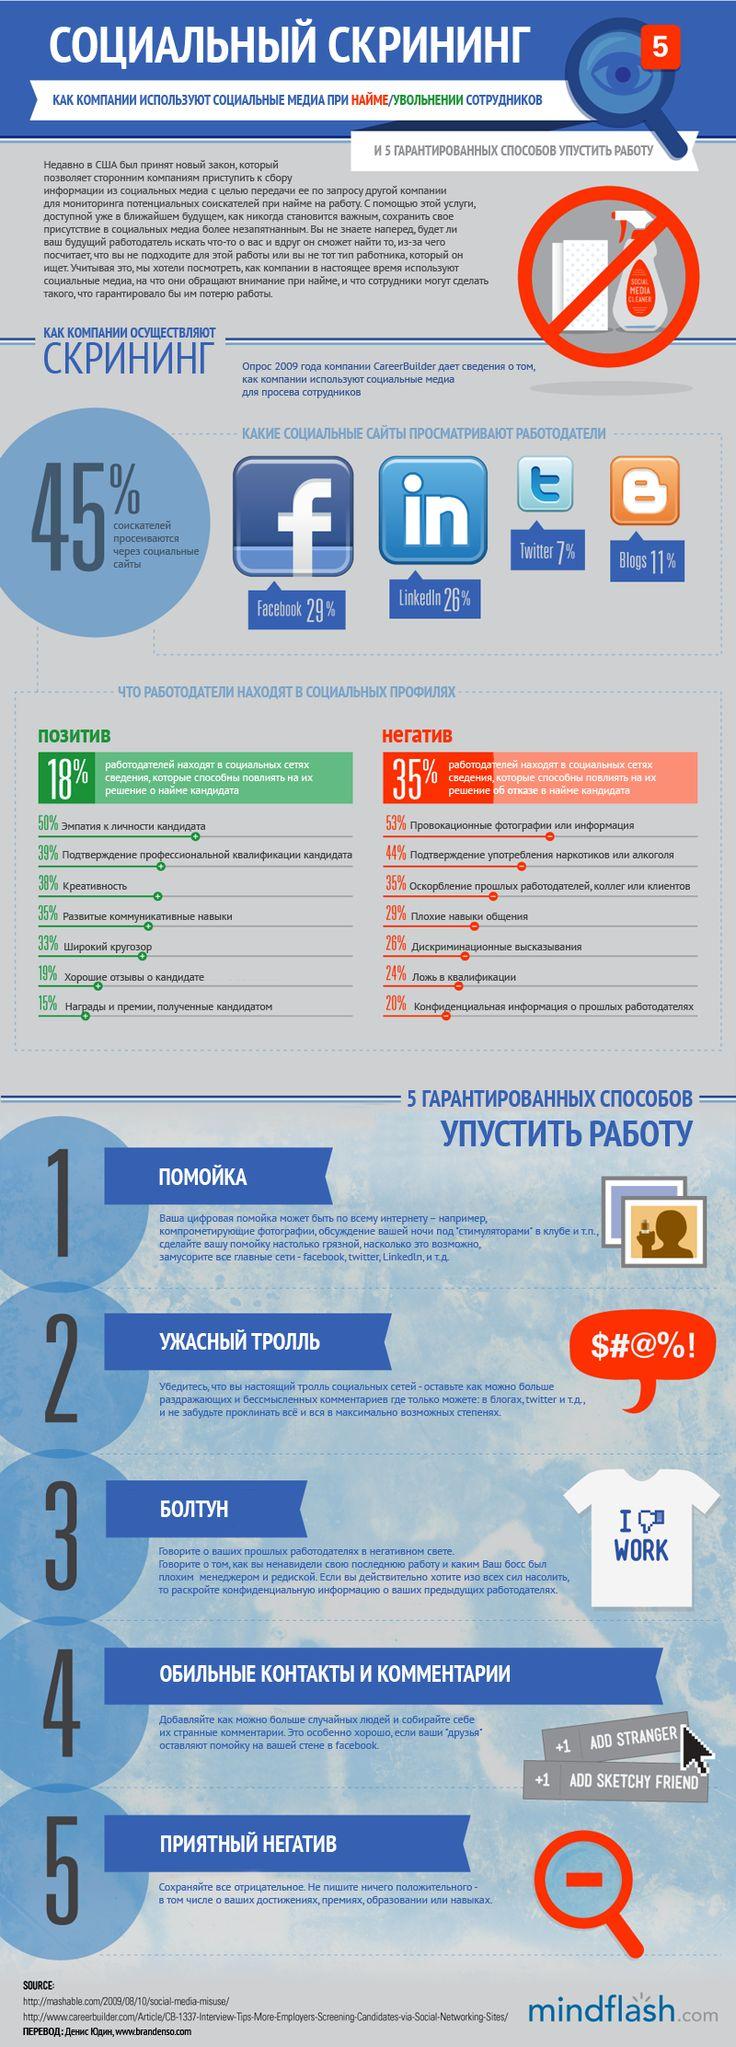 Бесценная инфографика о том, что нужно делать в социальных сетях, чтобы отпугнуть потенциального работодателя.#инфографика